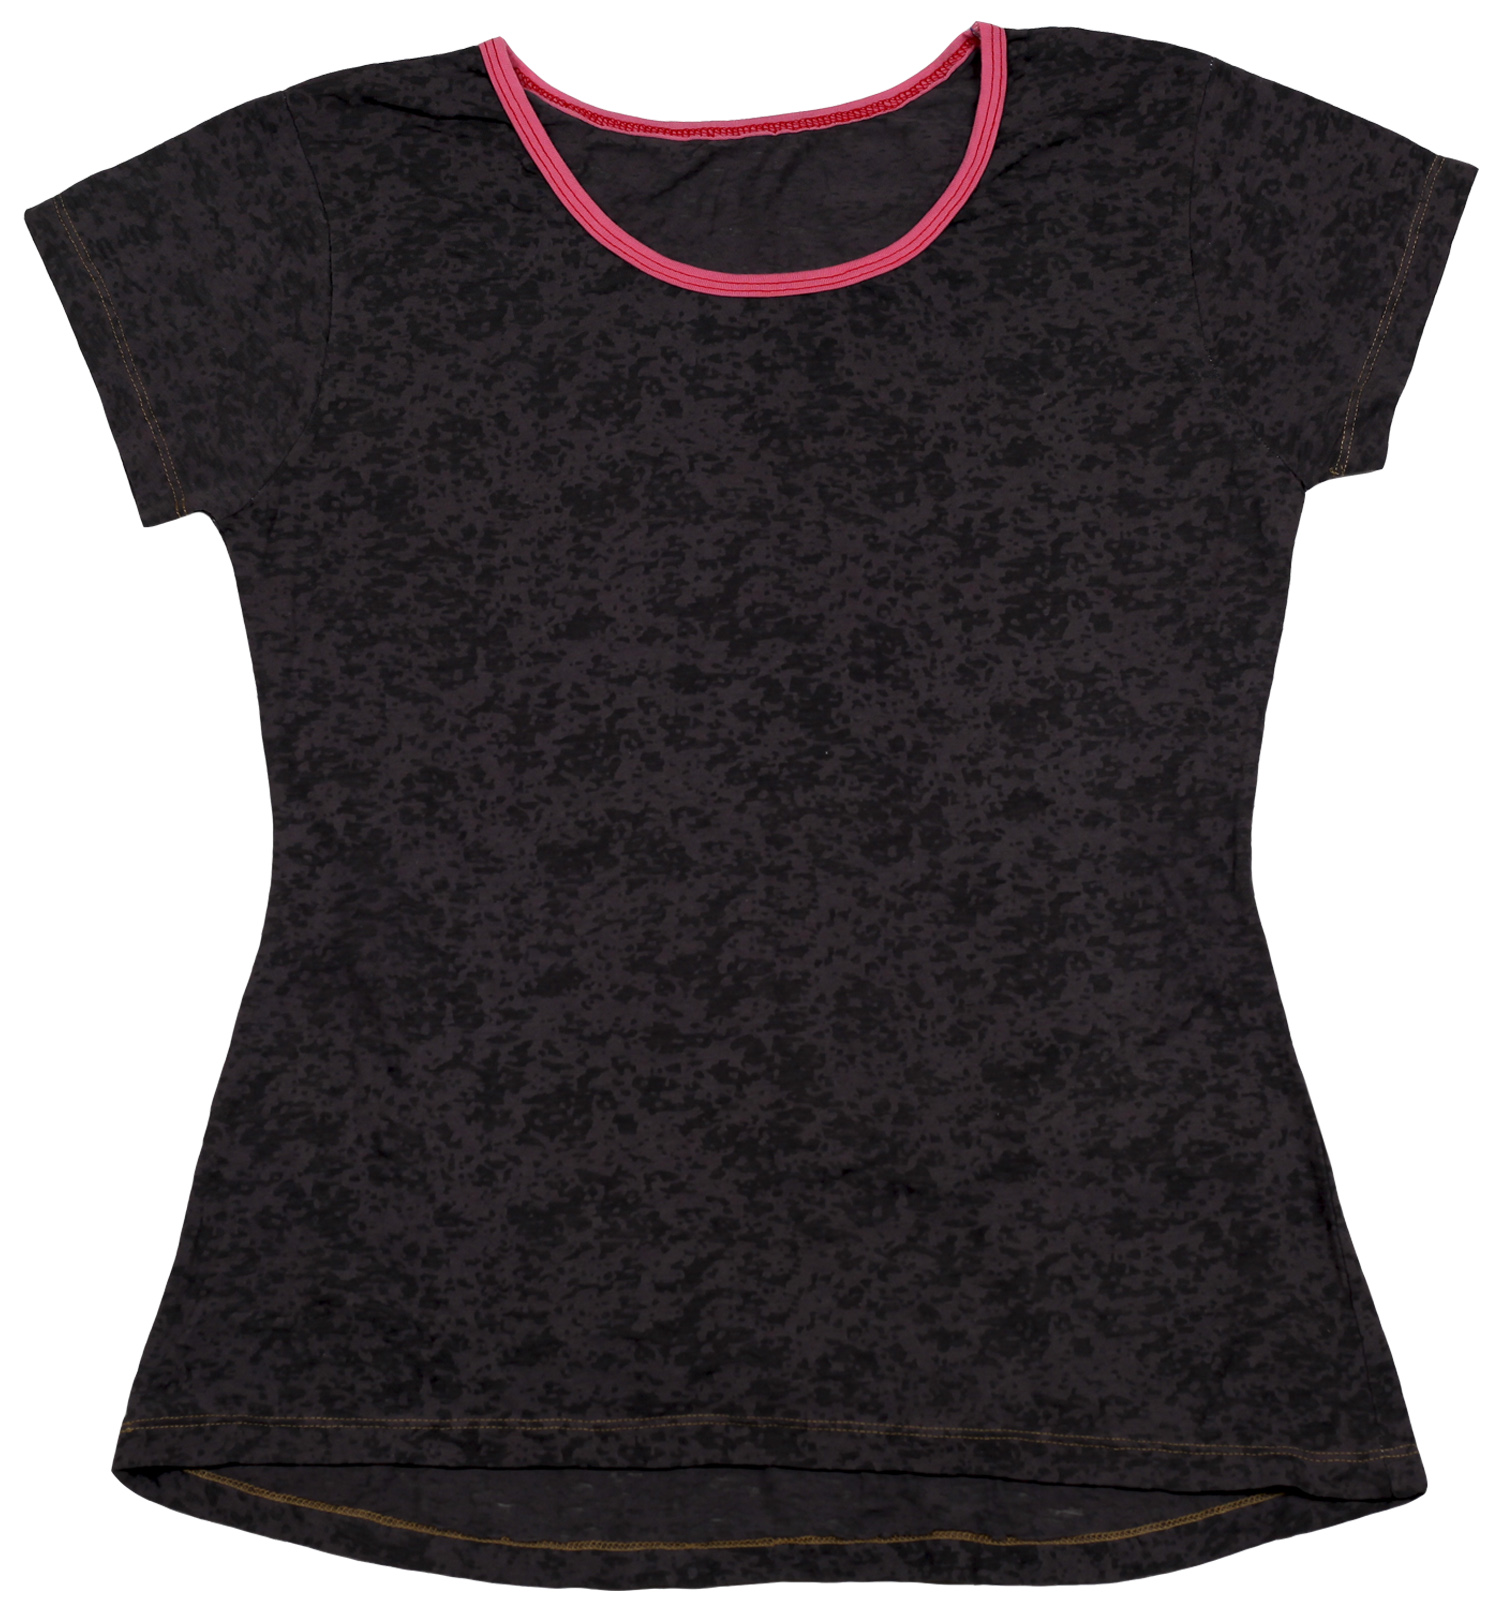 Женская футболка из 100% хлопка. Удобная повседневная модель